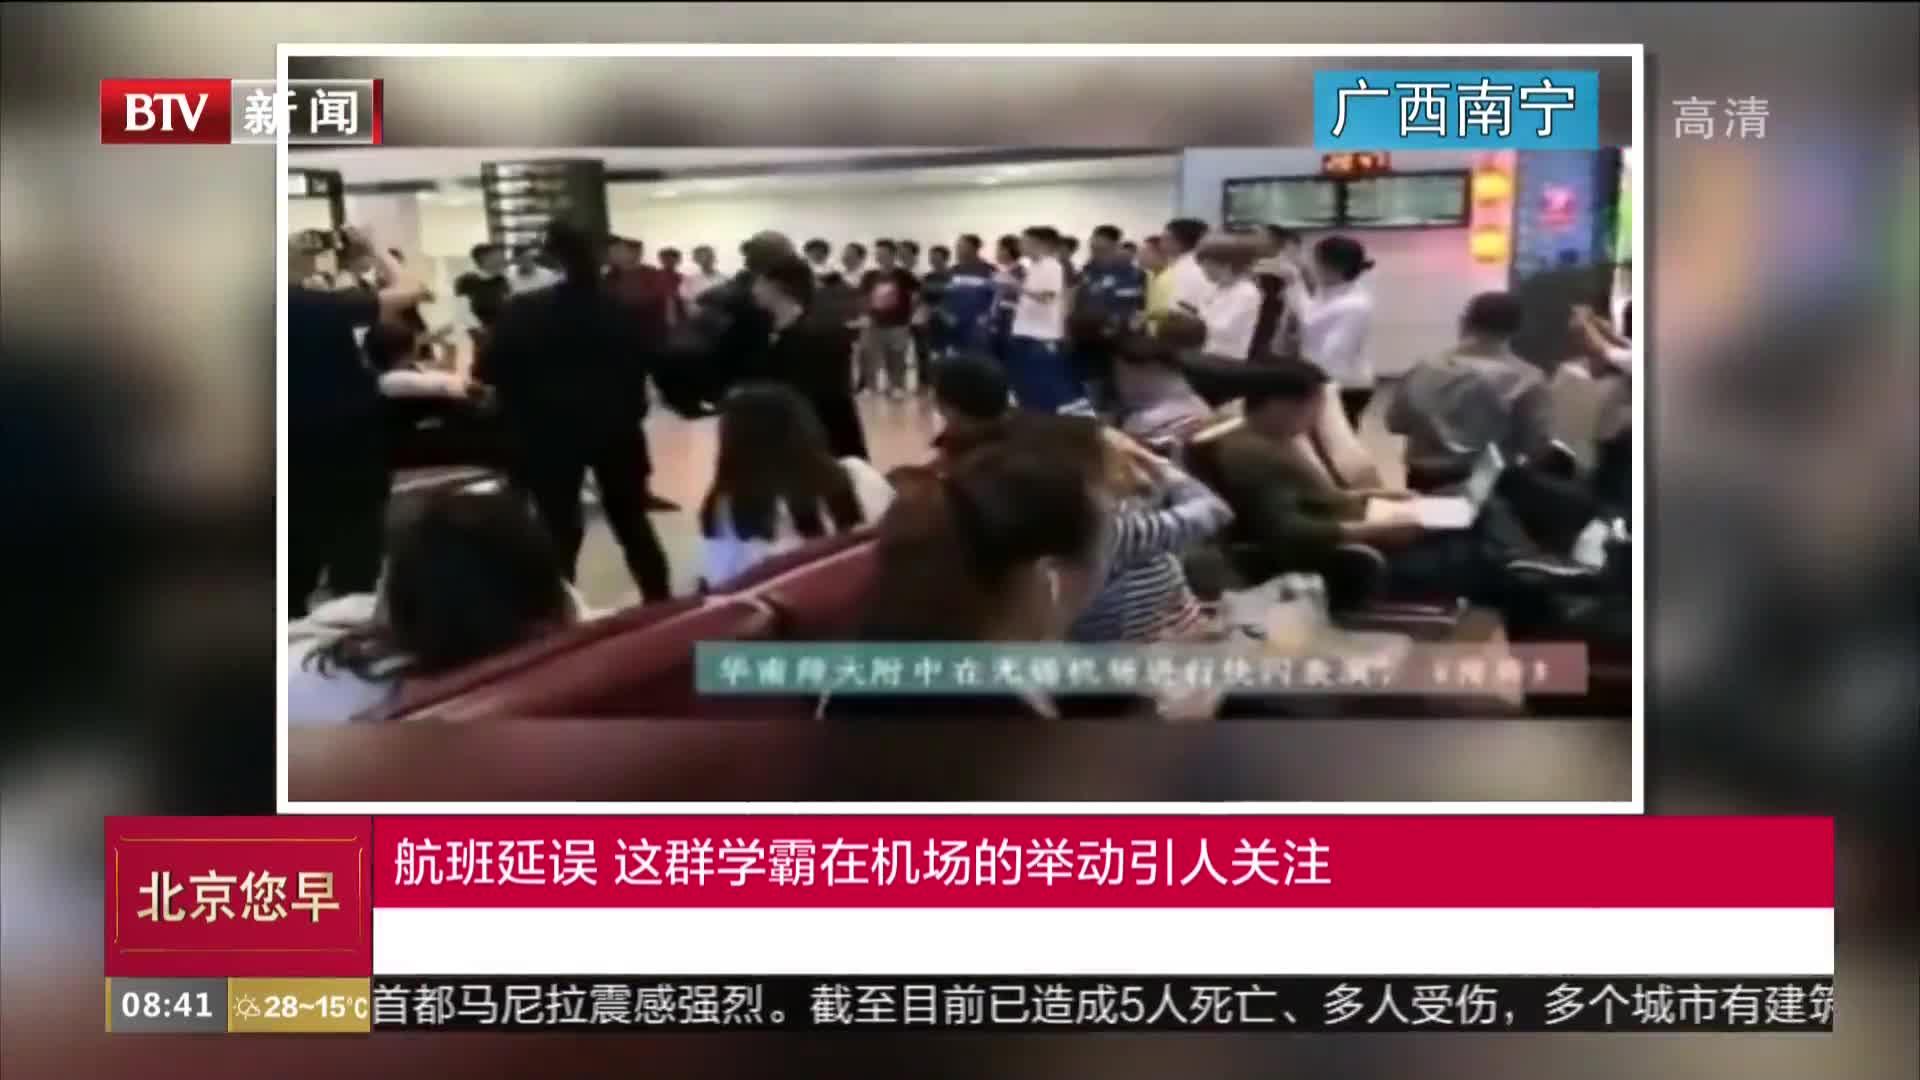 [视频]航班延误 这群学霸在机场的举动引人关注